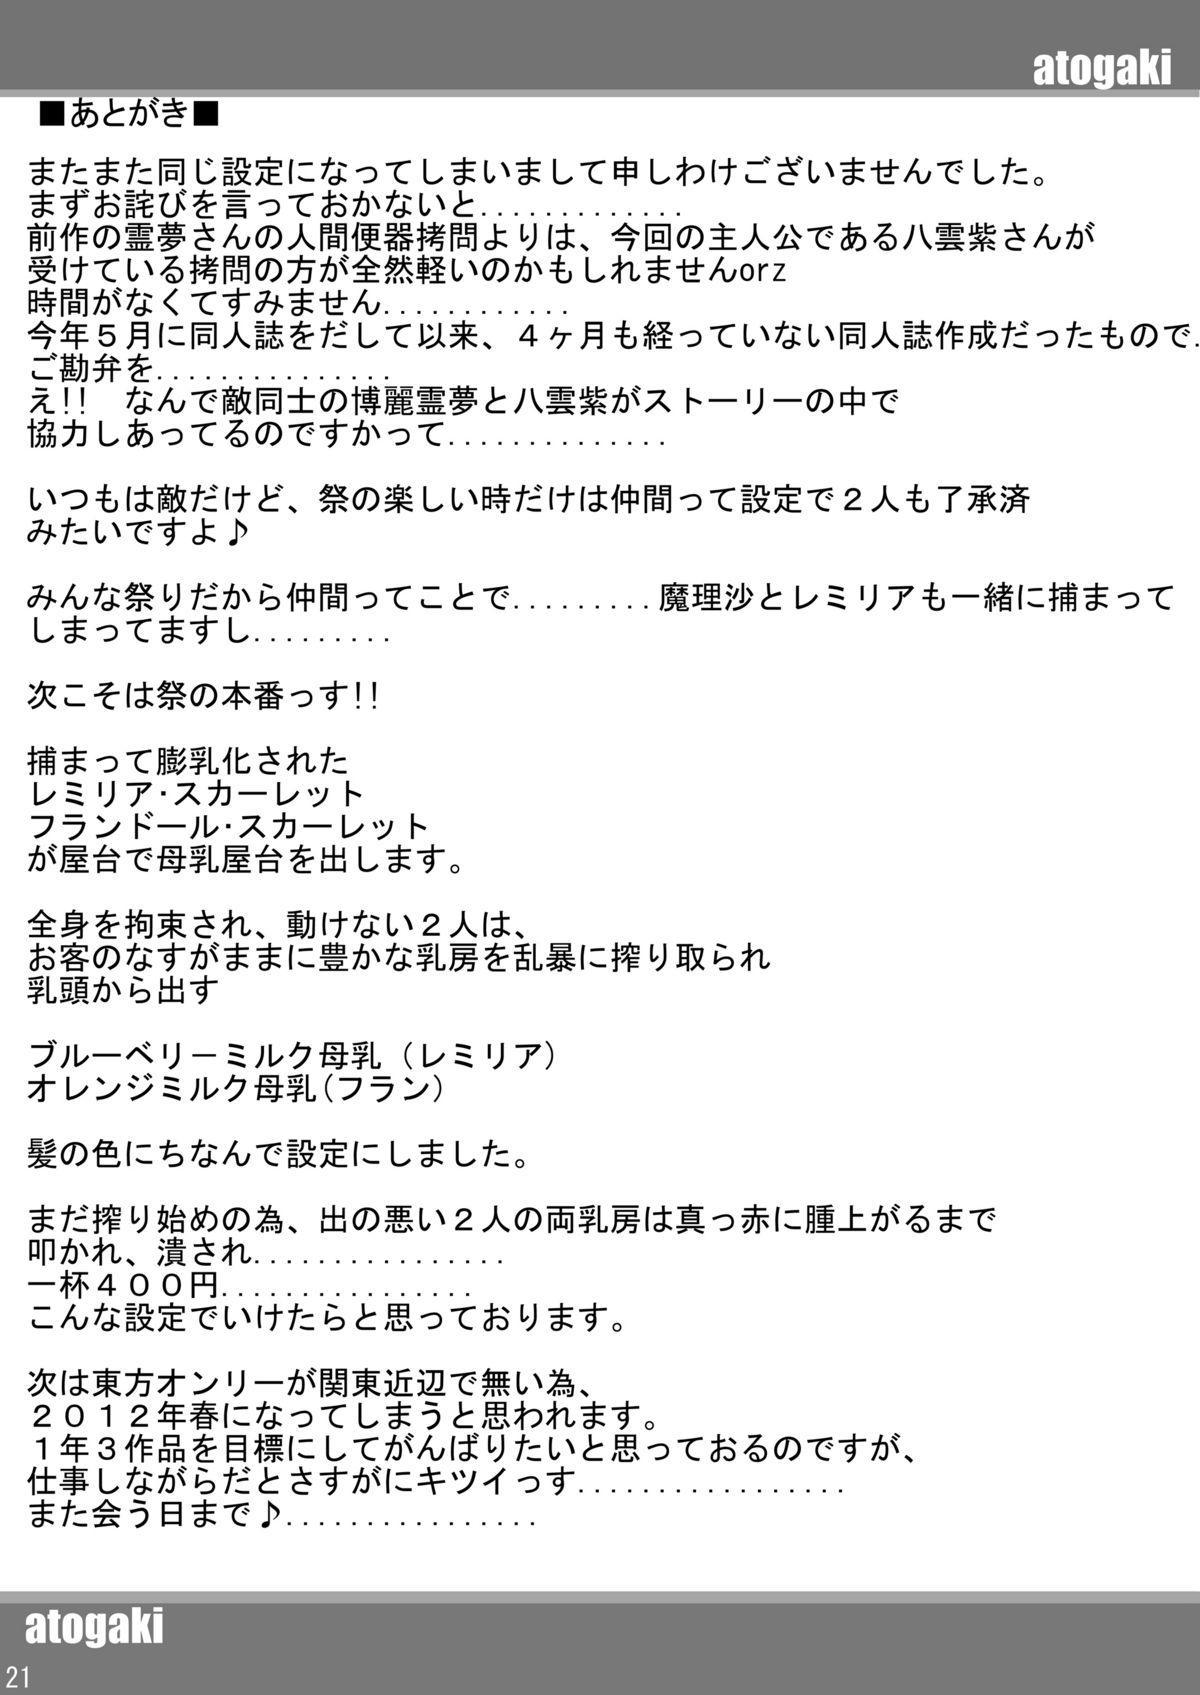 Touhou Chichi Nikusai Vol. 2 19